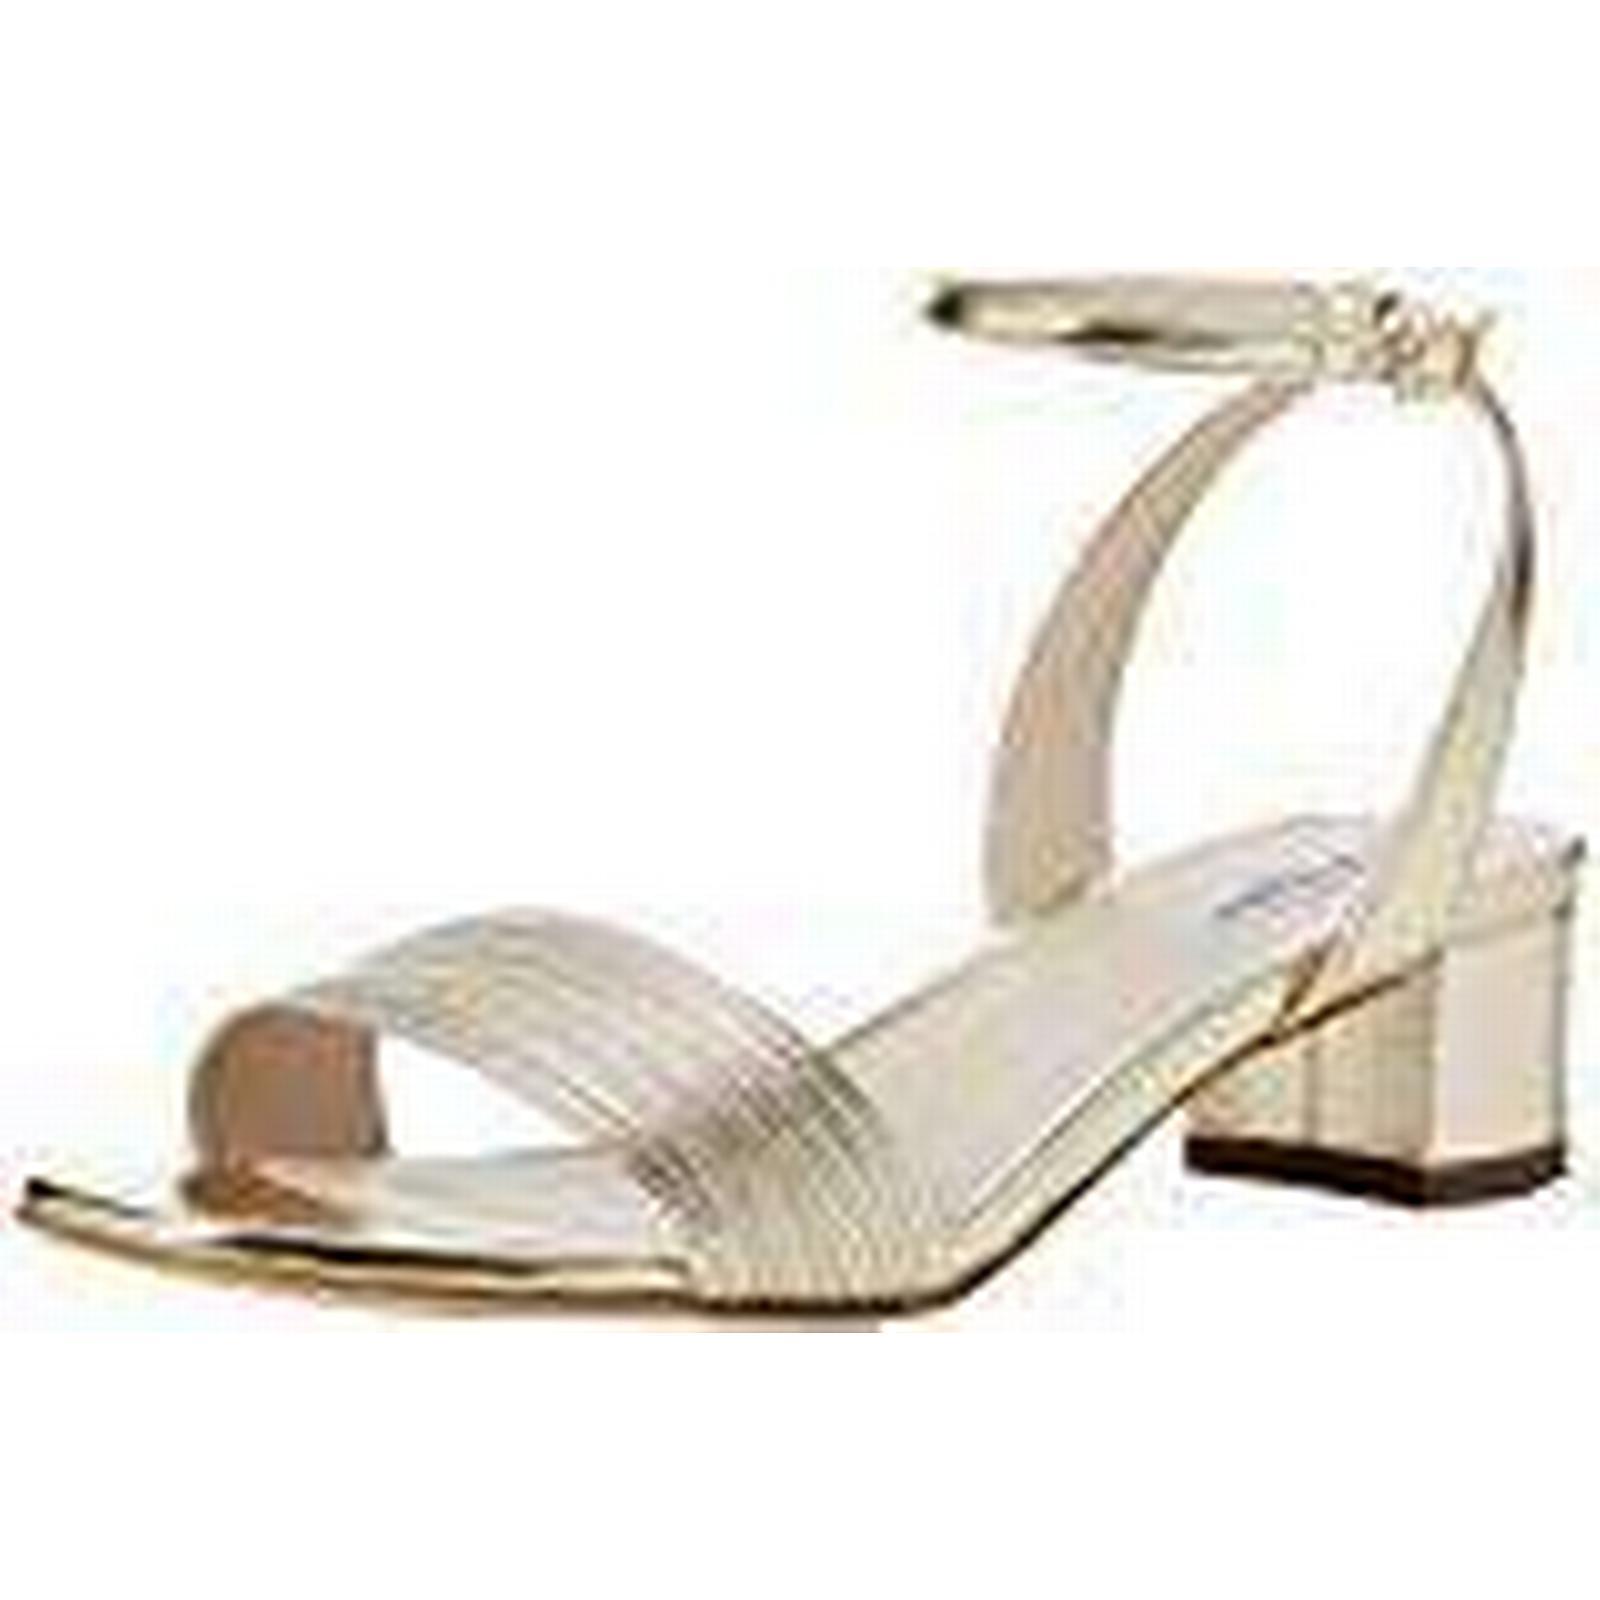 LK BENNETT L.K. Bennett Charline, Women's (Soft Open Toe Sandals, Gold (Soft Women's Gold), 4 UK (37 EU) 351d13